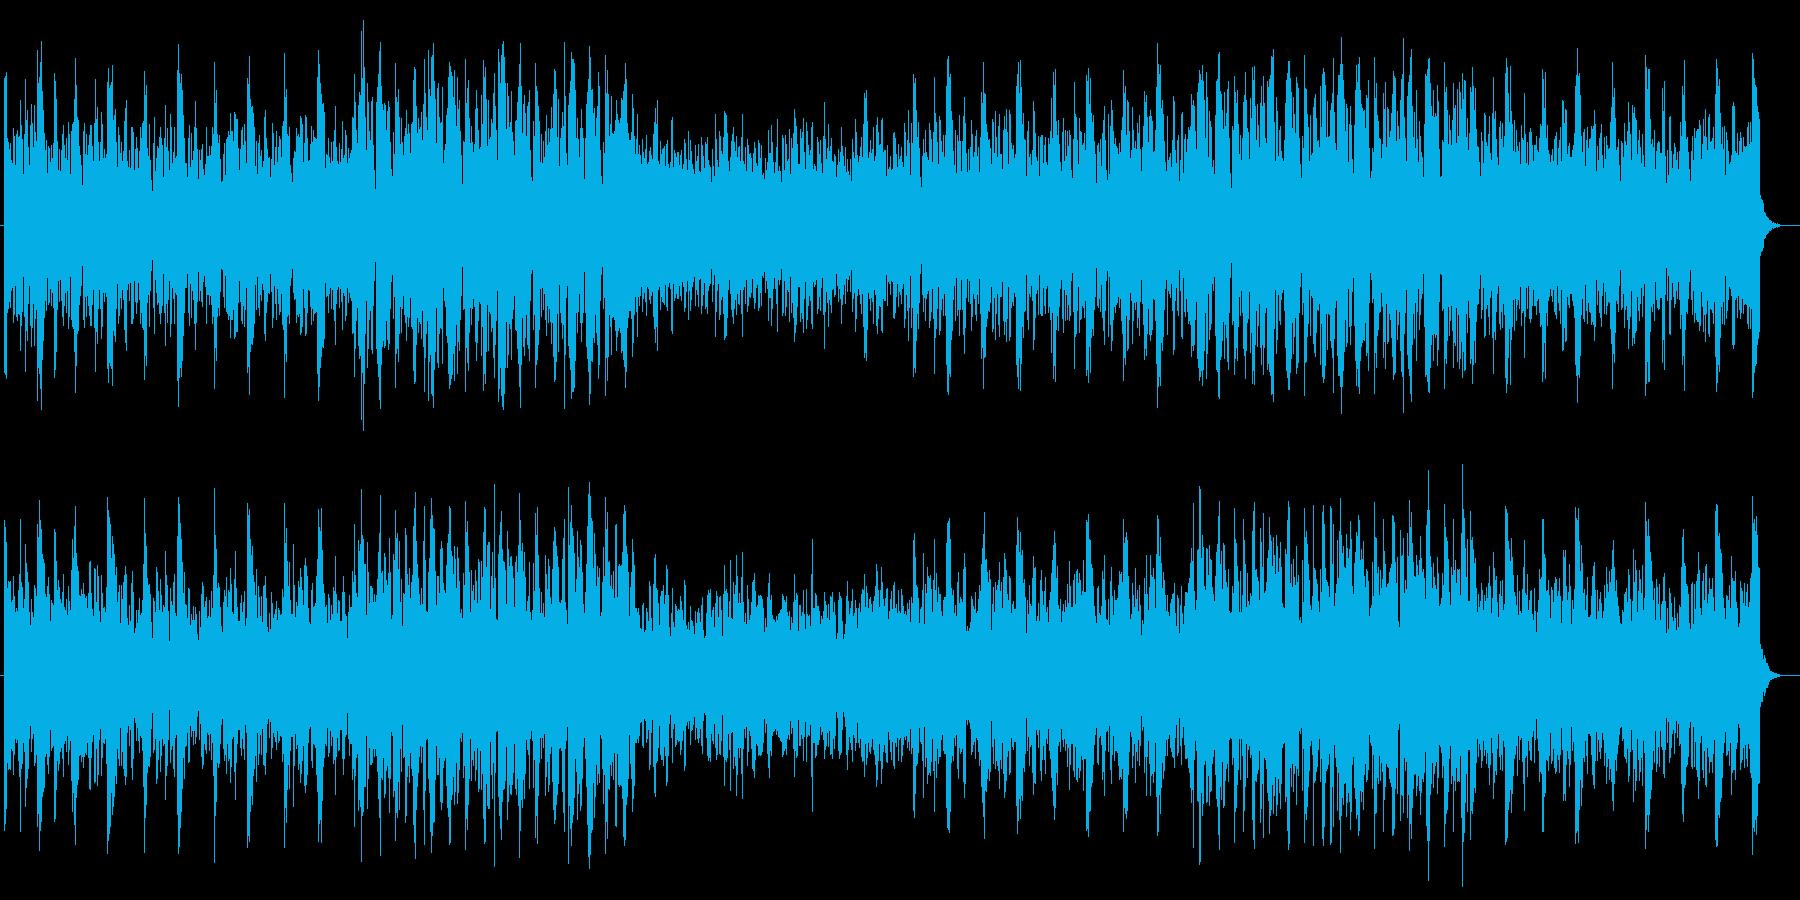 スッキリ、力強さのある前向きなメロディーの再生済みの波形